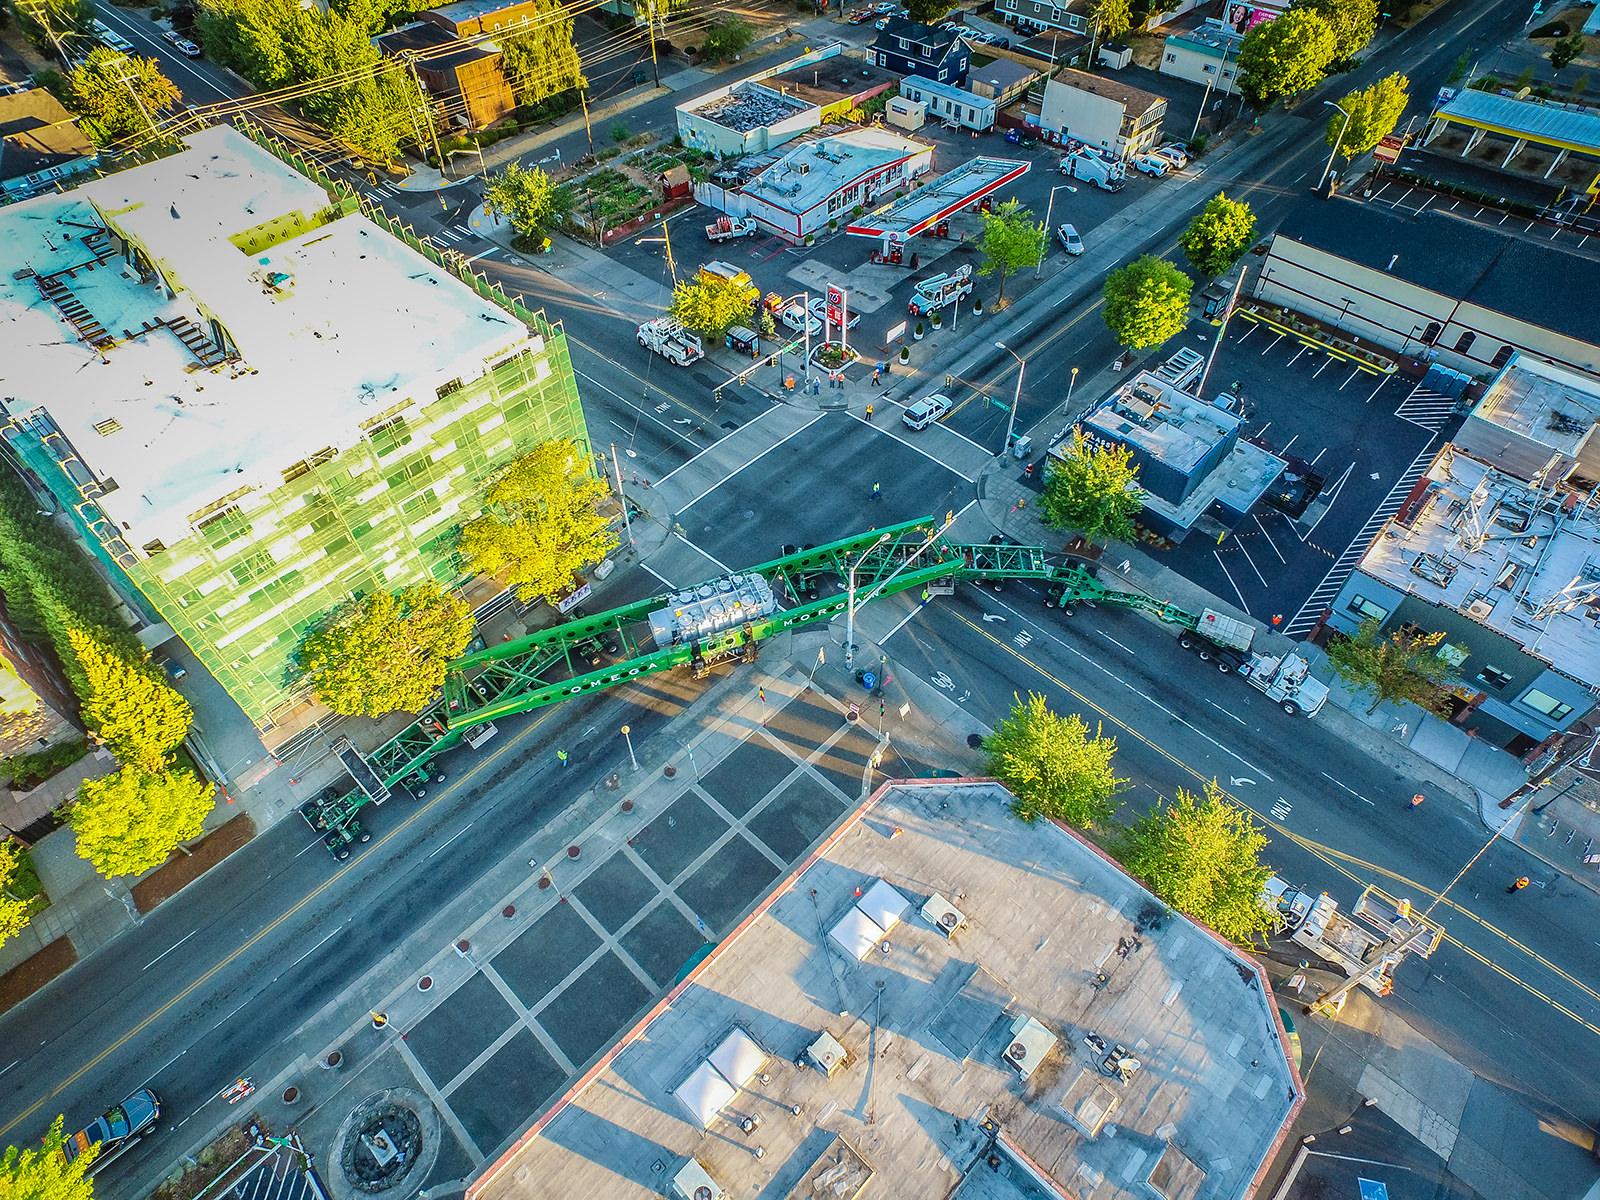 High frame trailer maneuvering 418,000lb transformer through city streets